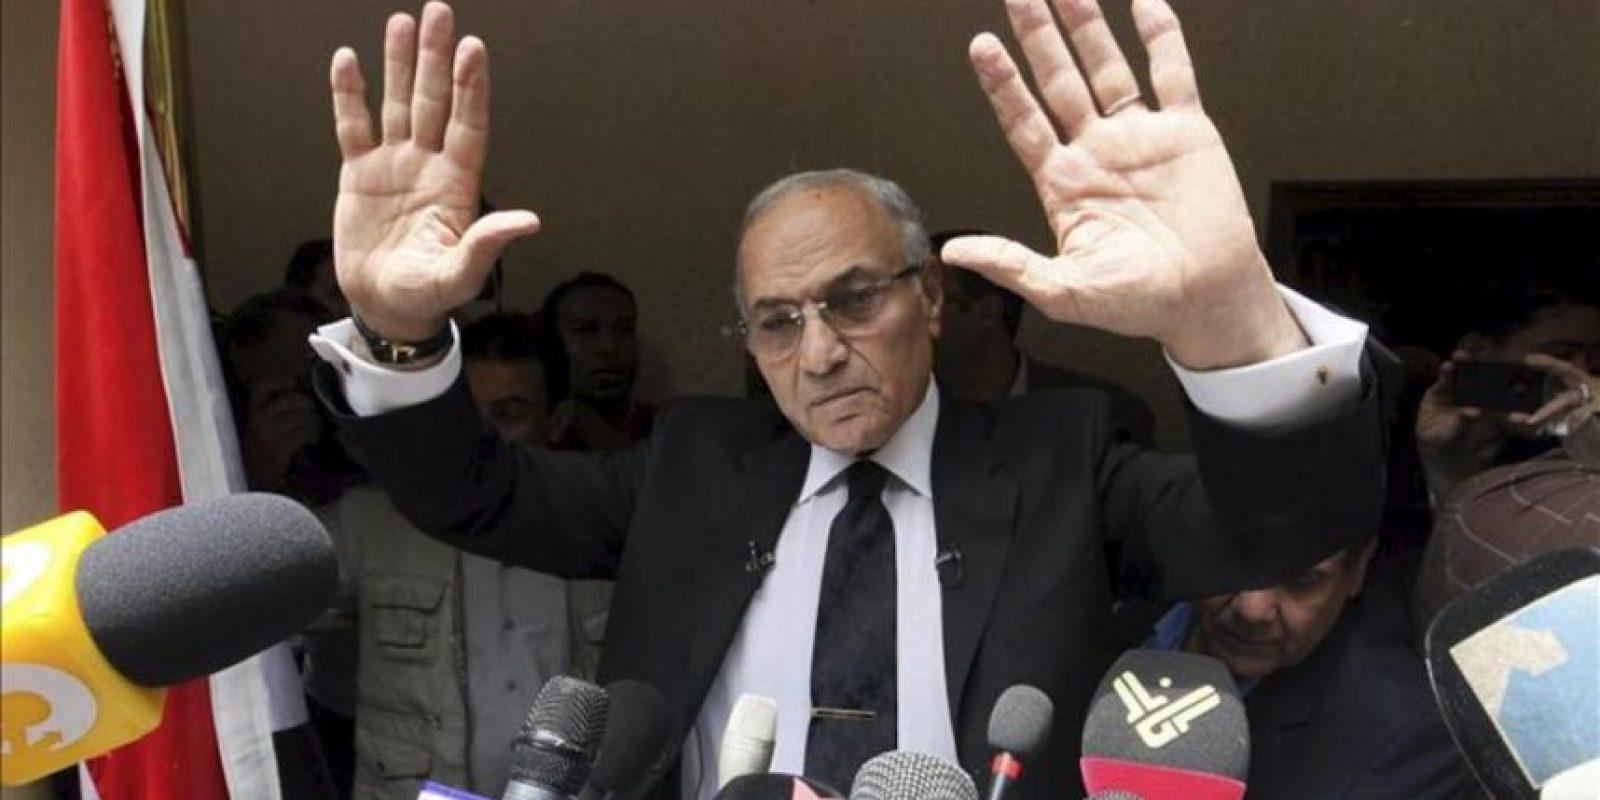 El candidato presidencial egipcio, Ahmed Shafik (c) saluda a sus simptizantes antes de dar una rueda de prensa en El Cairo (Egipto), hoy, sábado, 26 de mayo de 2012. EFE